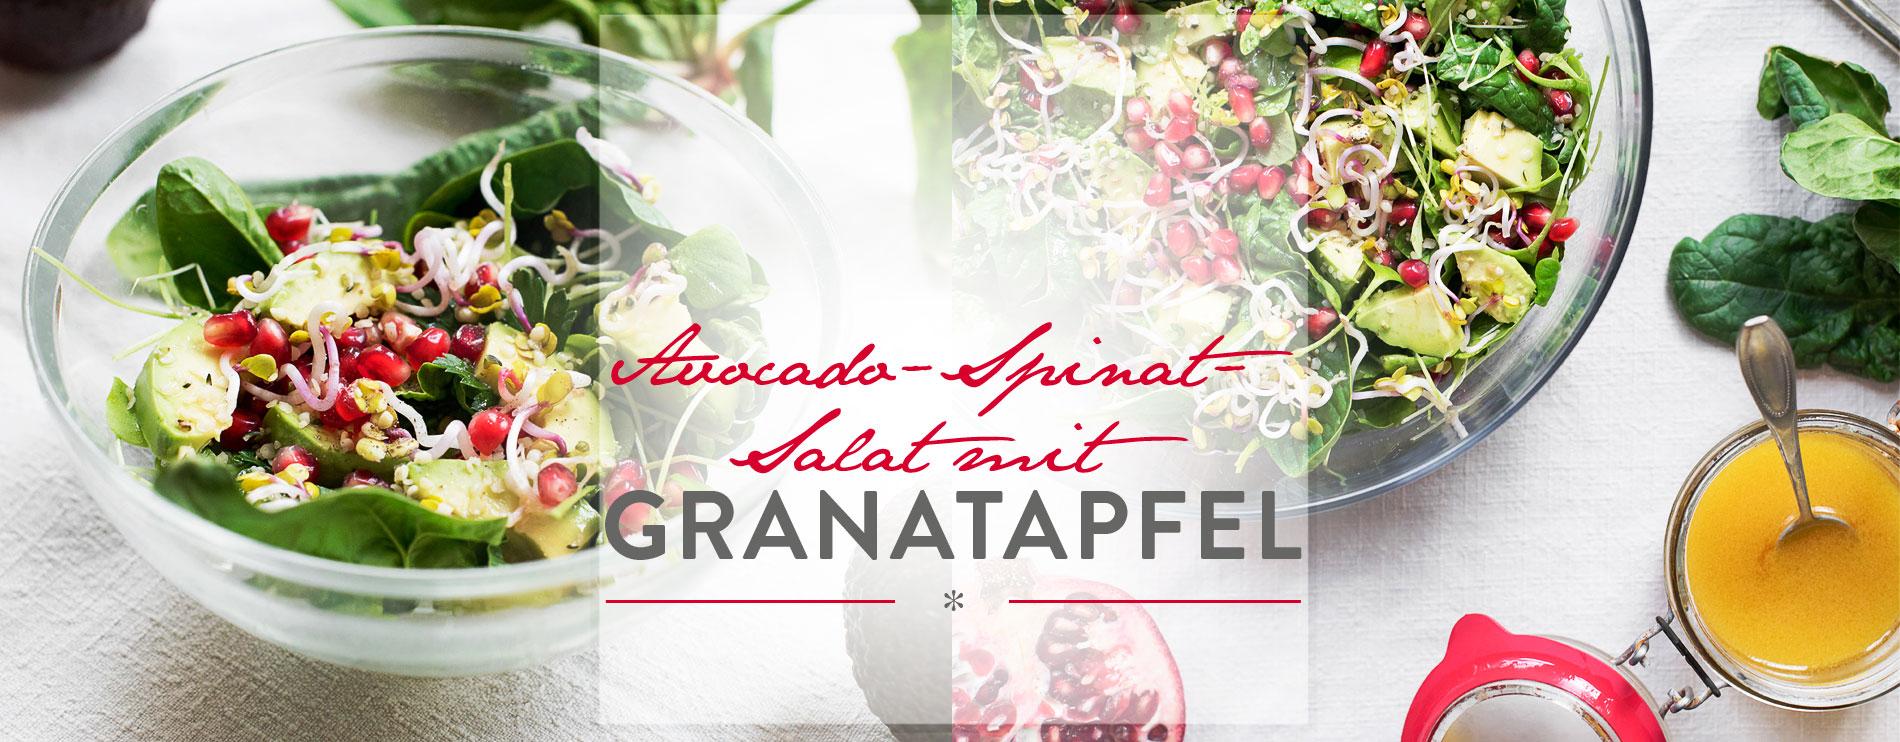 Header Avocado-Spinat-Salat mit Granatapfel